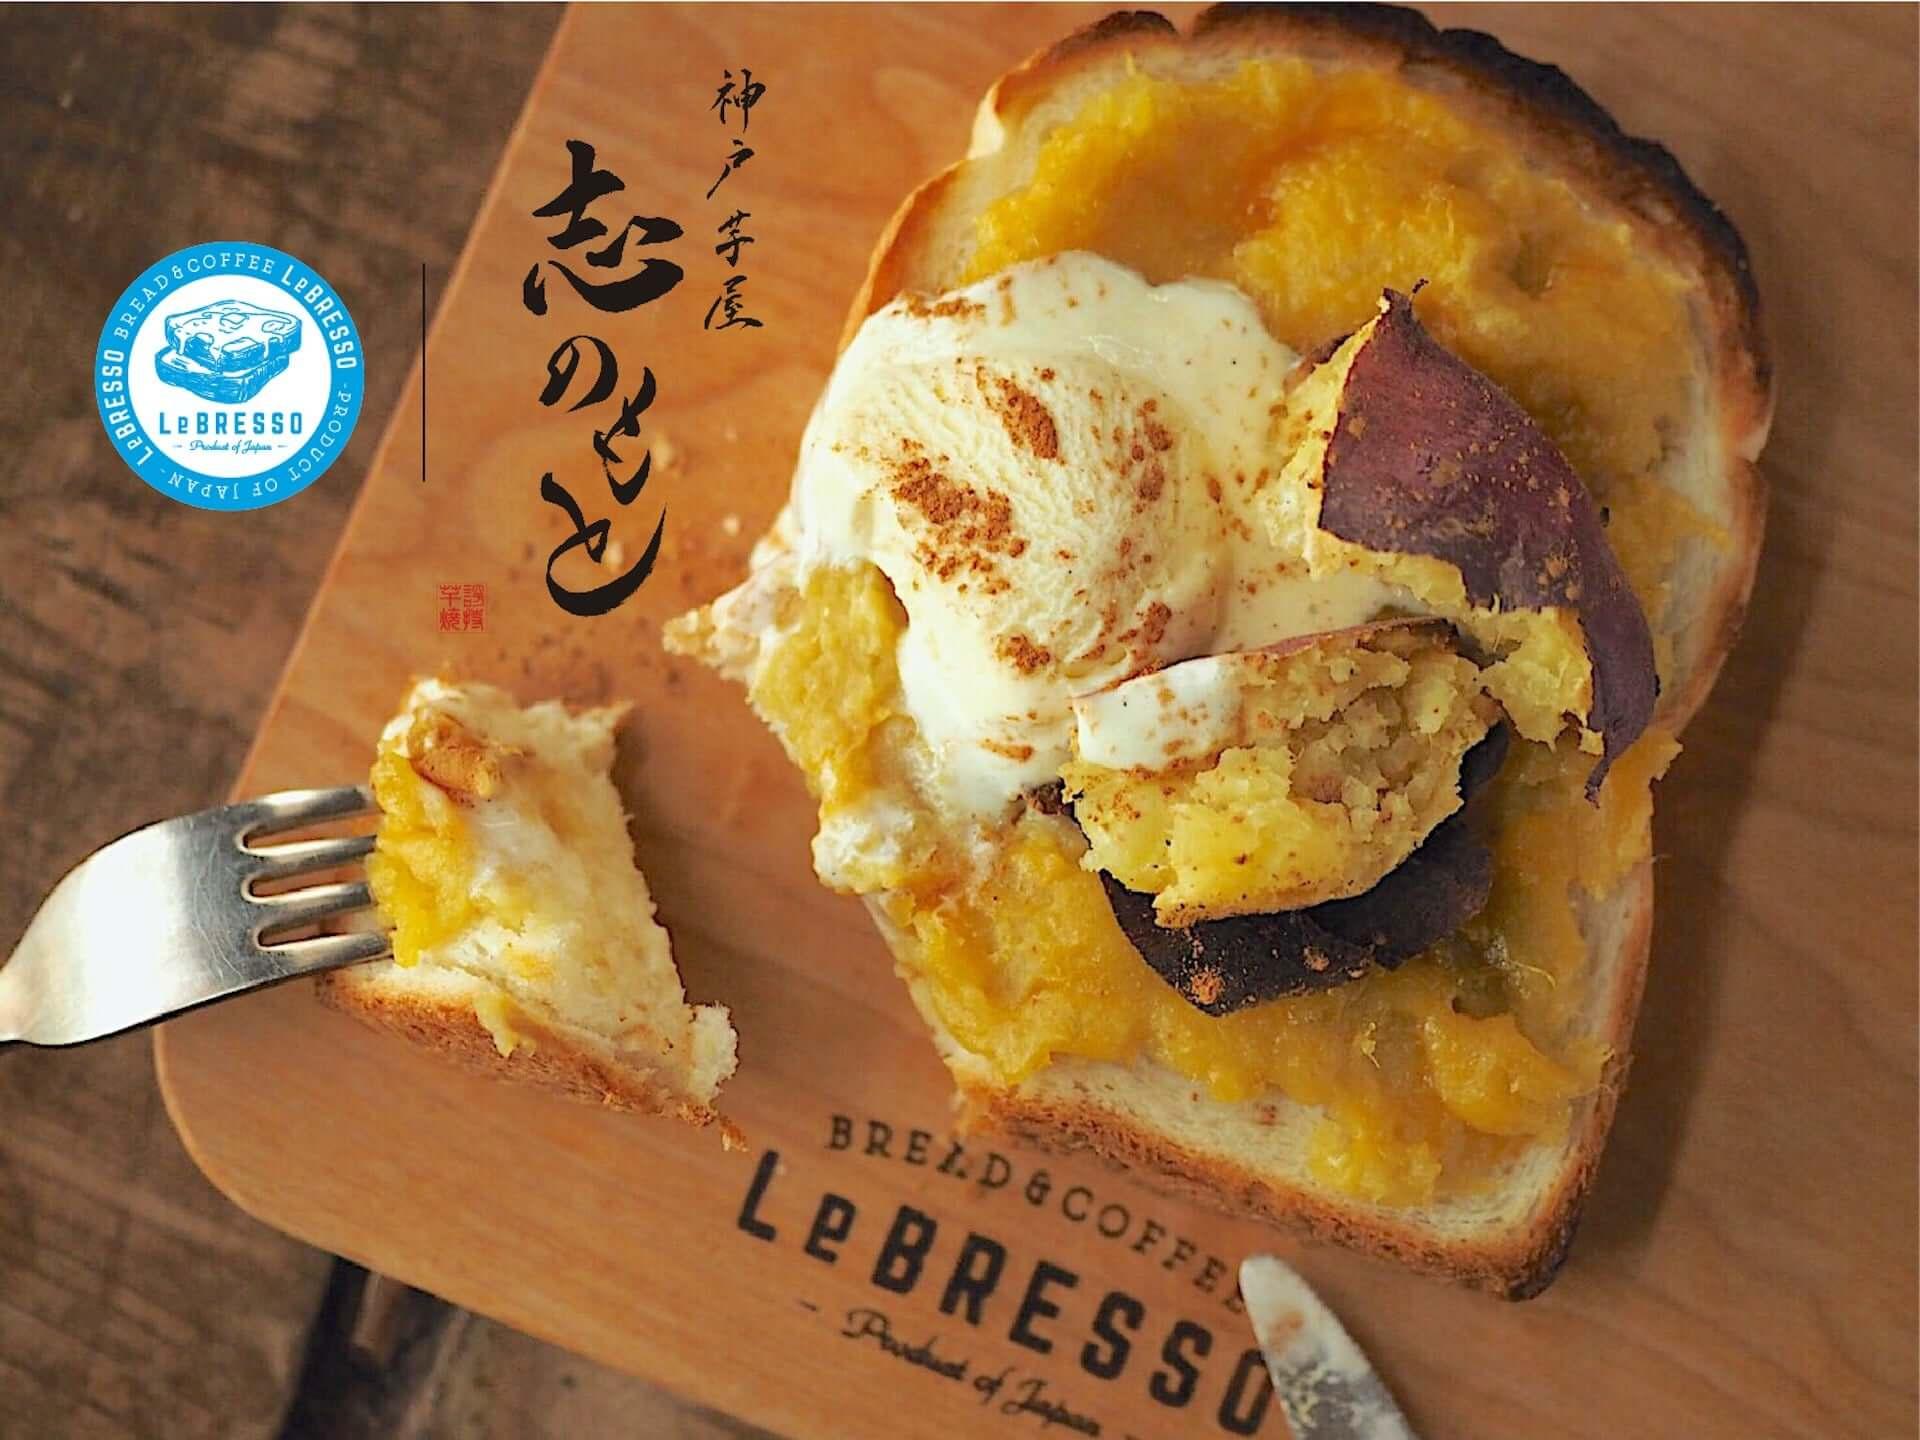 秋の味覚焼き芋をメインにした限定商品が登場!「レブレッソ」と「神戸芋屋 志のもと」のコラボ商品『焼き芋&バニラアイストースト』と『焼き芋ミルクジャム』が発売 gourmet201012_lebresso_1-1920x1440